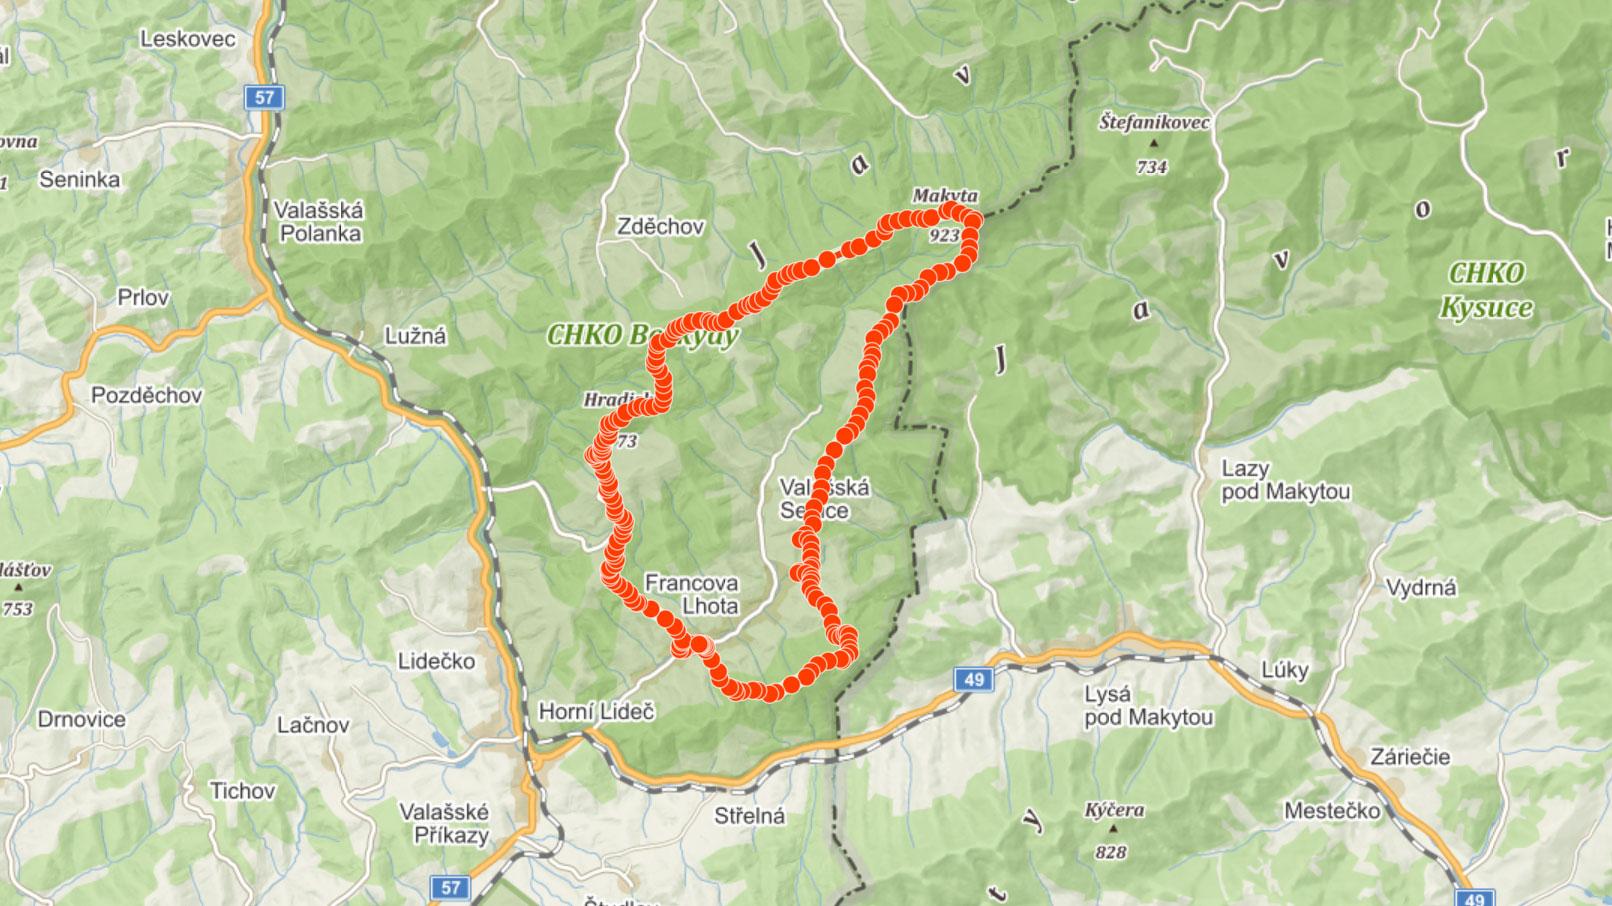 Popisovaná trasa přes Pulčínské skály a Makytu v Javornících